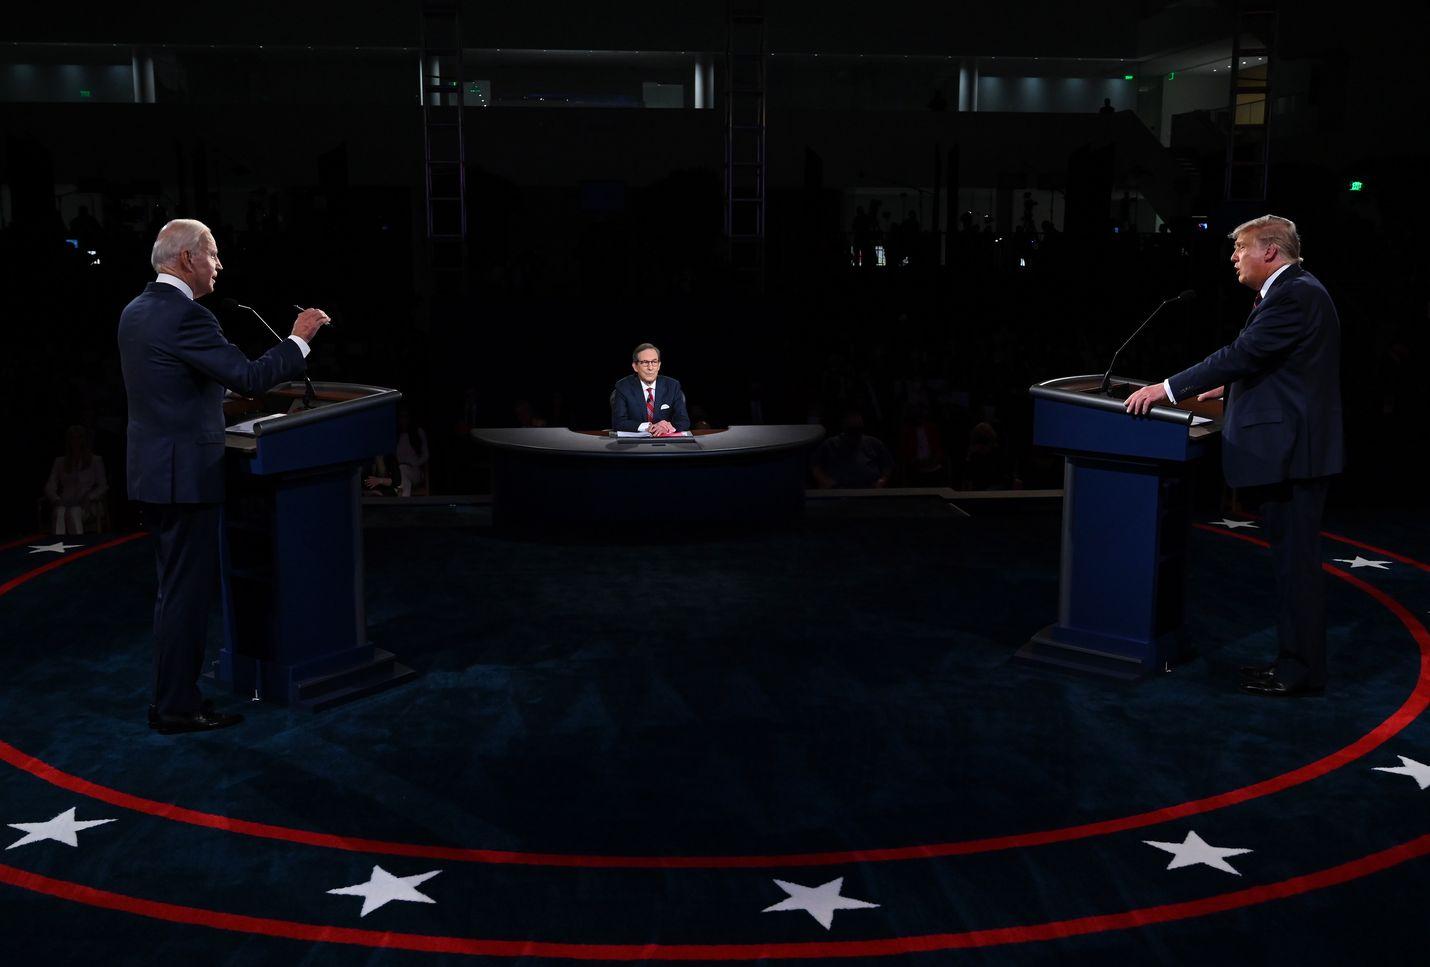 Yhdysvalloissa demokraattien presidenttiehdokas Joe Biden ja presidentti Donald Trump kuvattiin ensimmäisessä vaaliväittelyssä syyskuun lopussa.